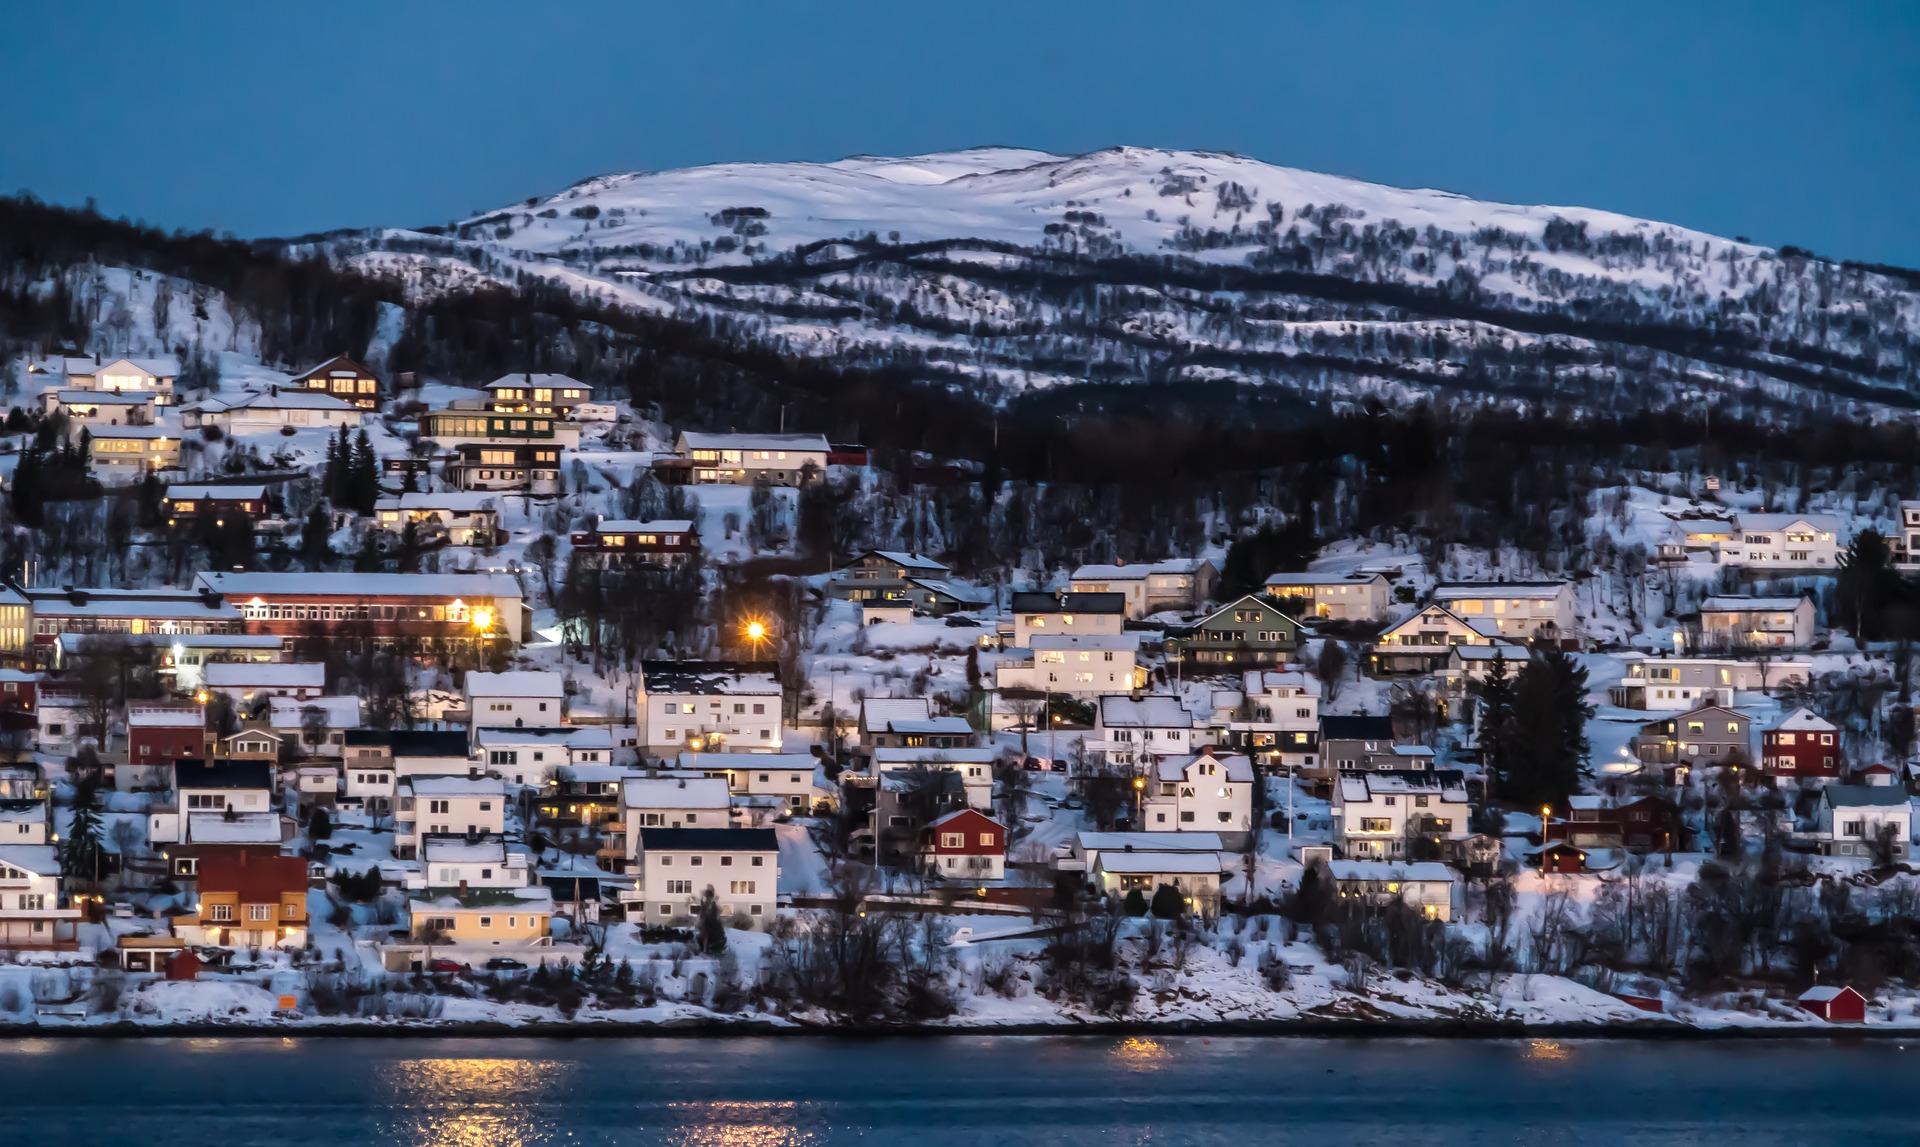 DALL'AUTORITA' PER LA PROTEZIONE DEI DATI DELLA NORVEGIA: Tassa A Basaren Drift AS